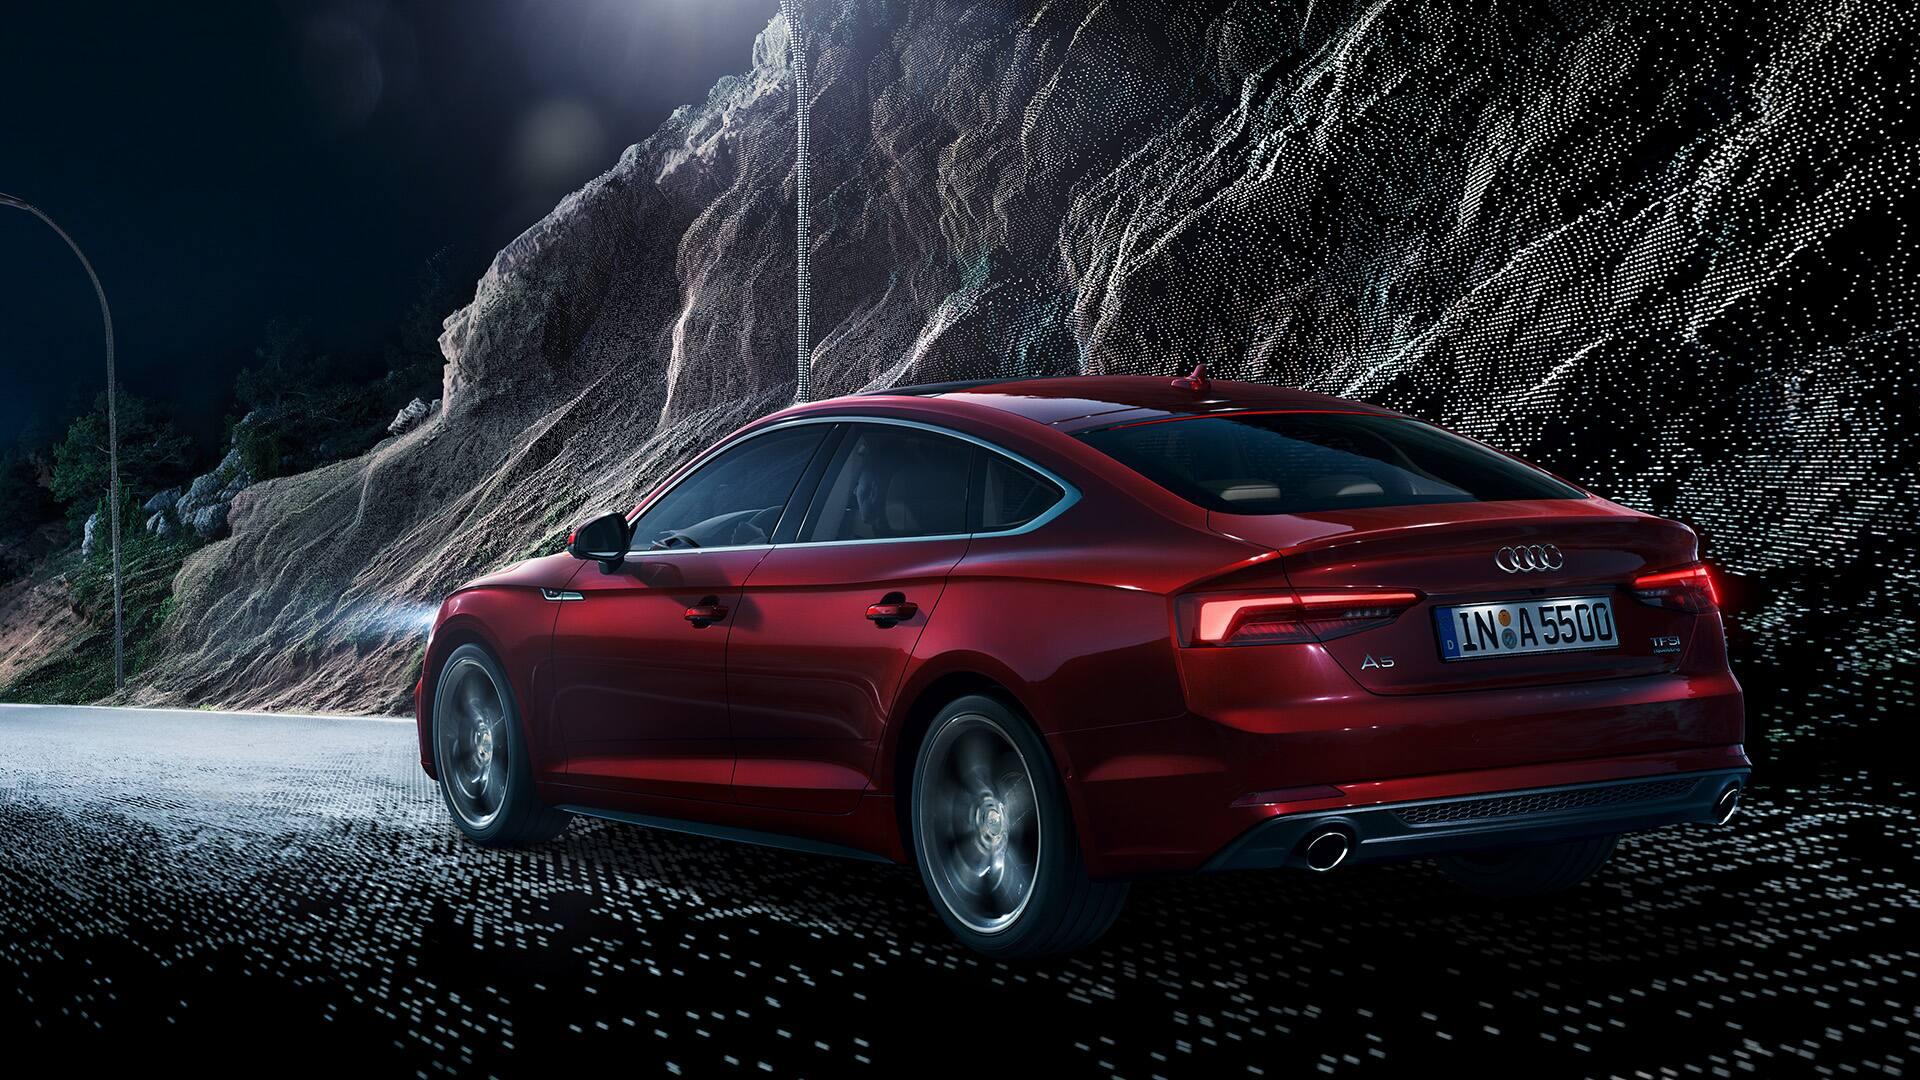 A5 Sportback A5 Audi France